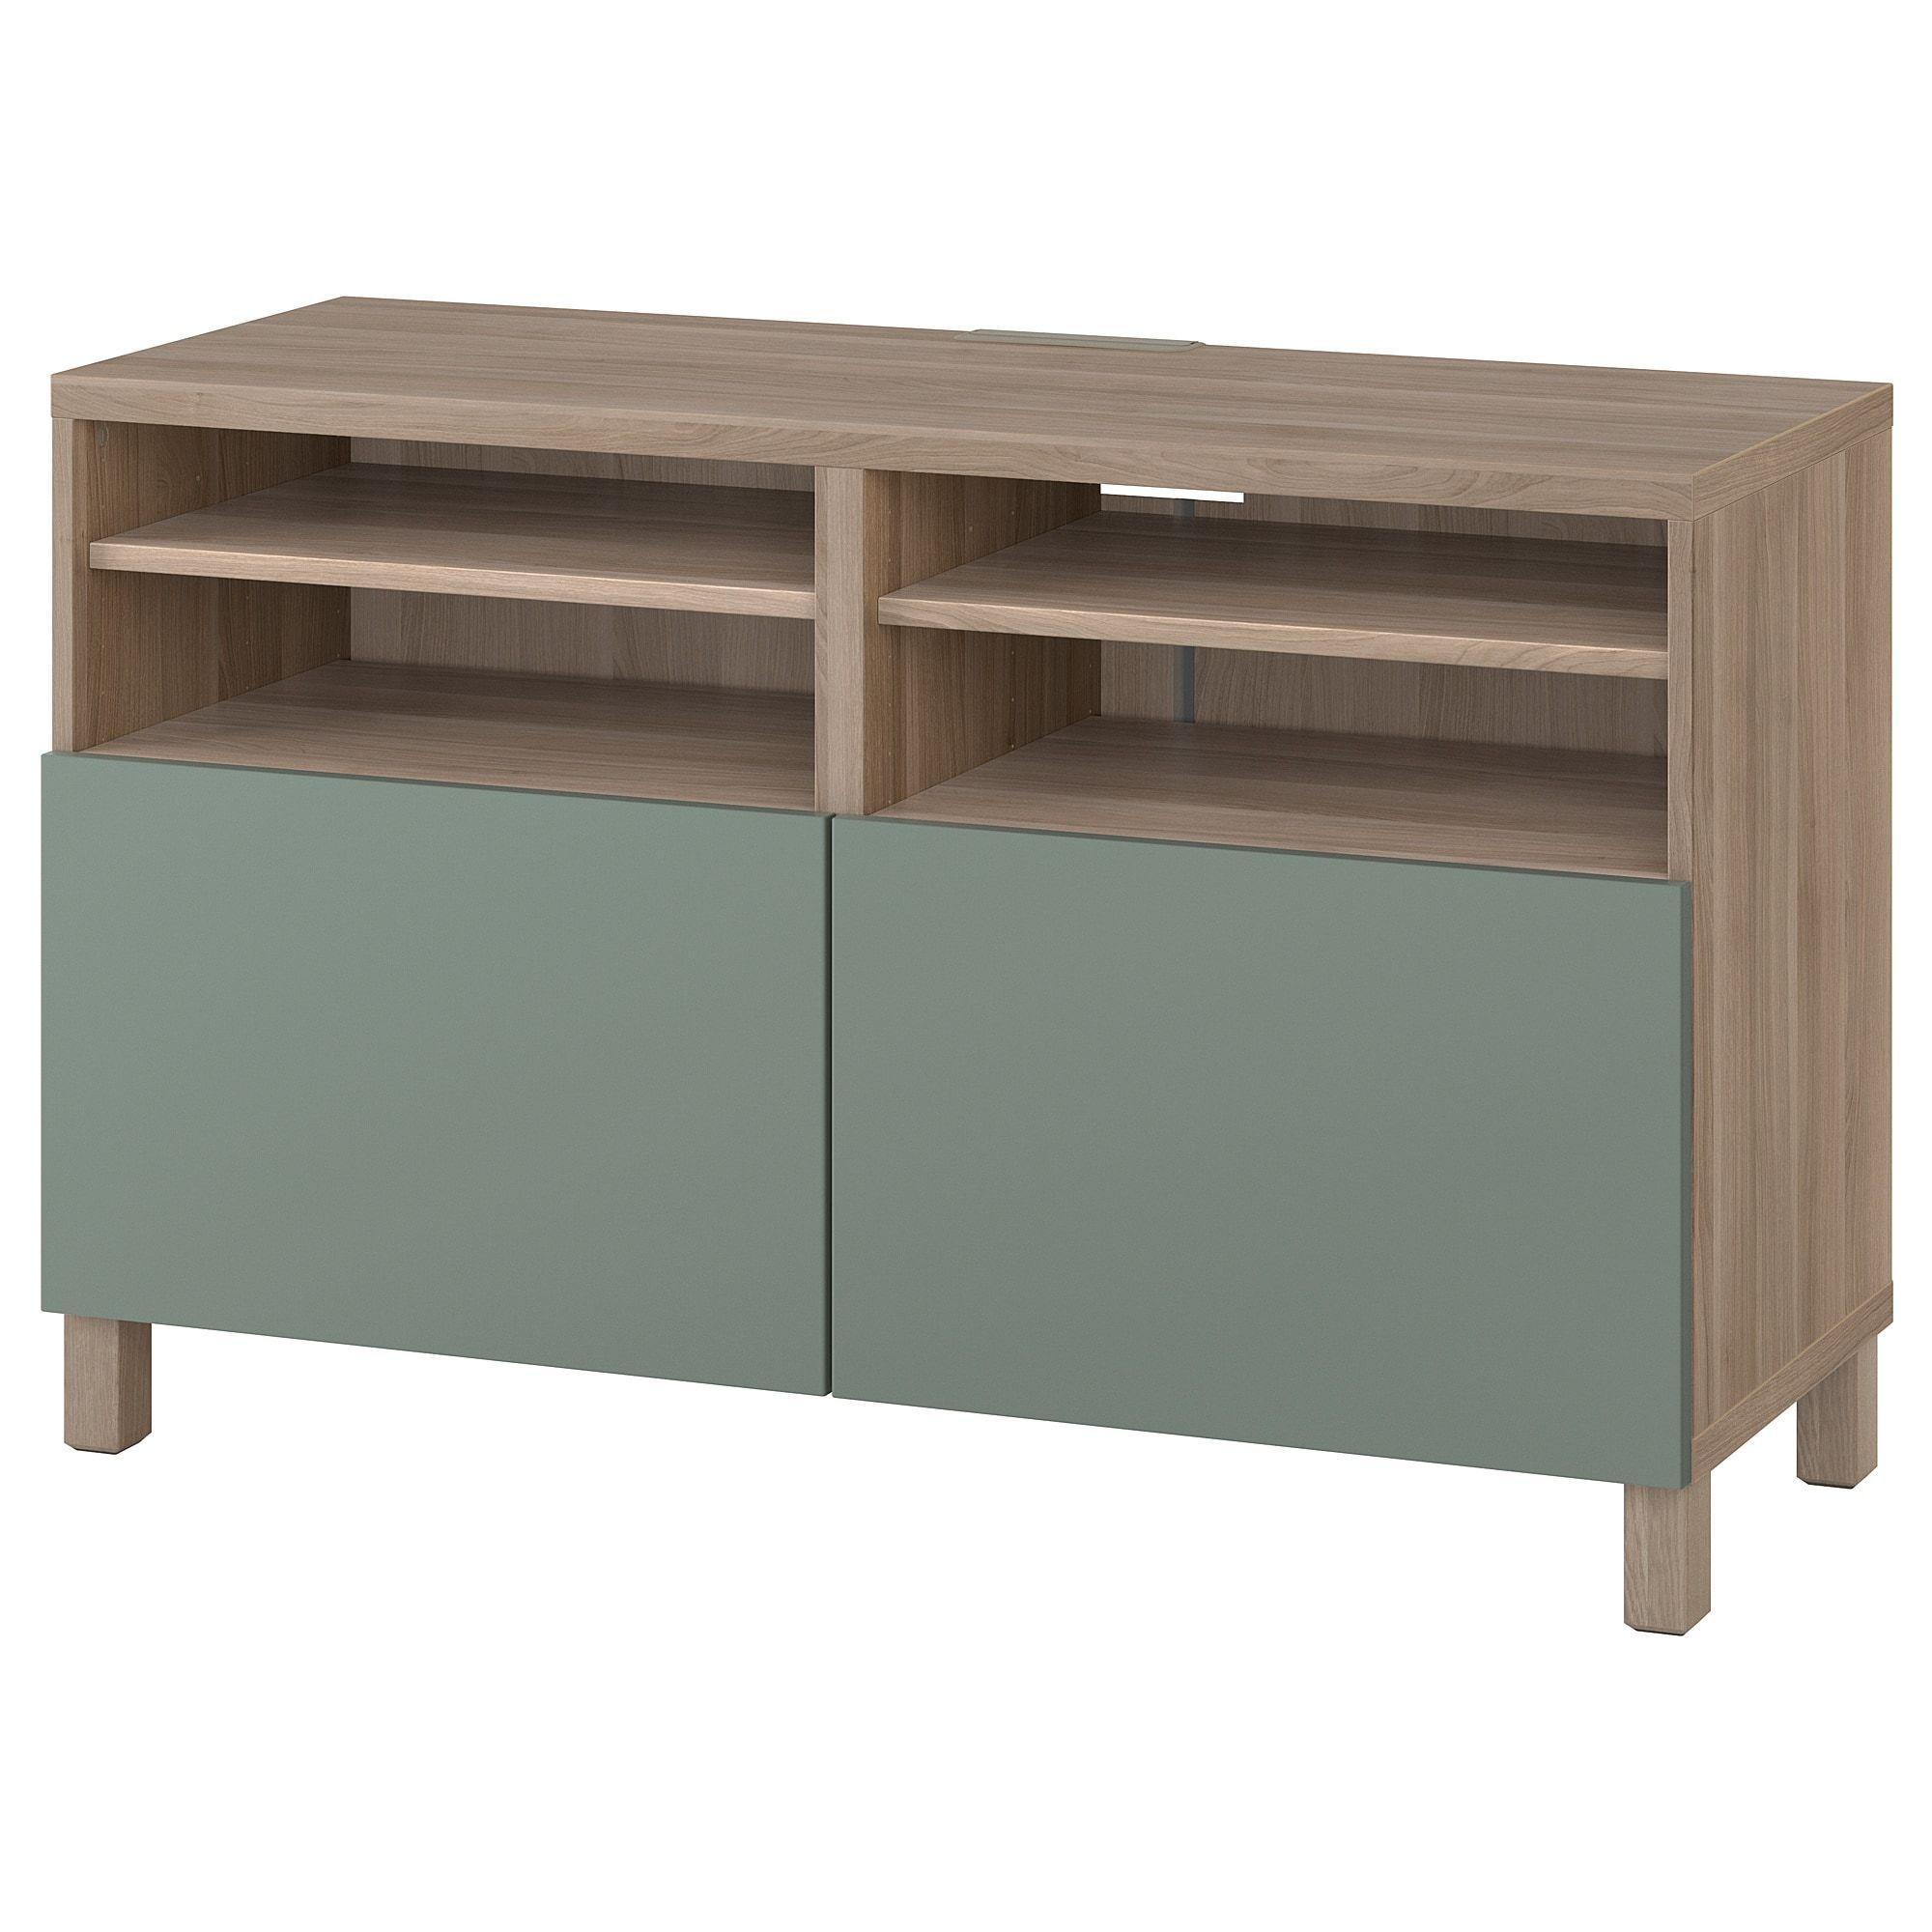 Ikea Brimnes Schrank 2 Türig Anleitung